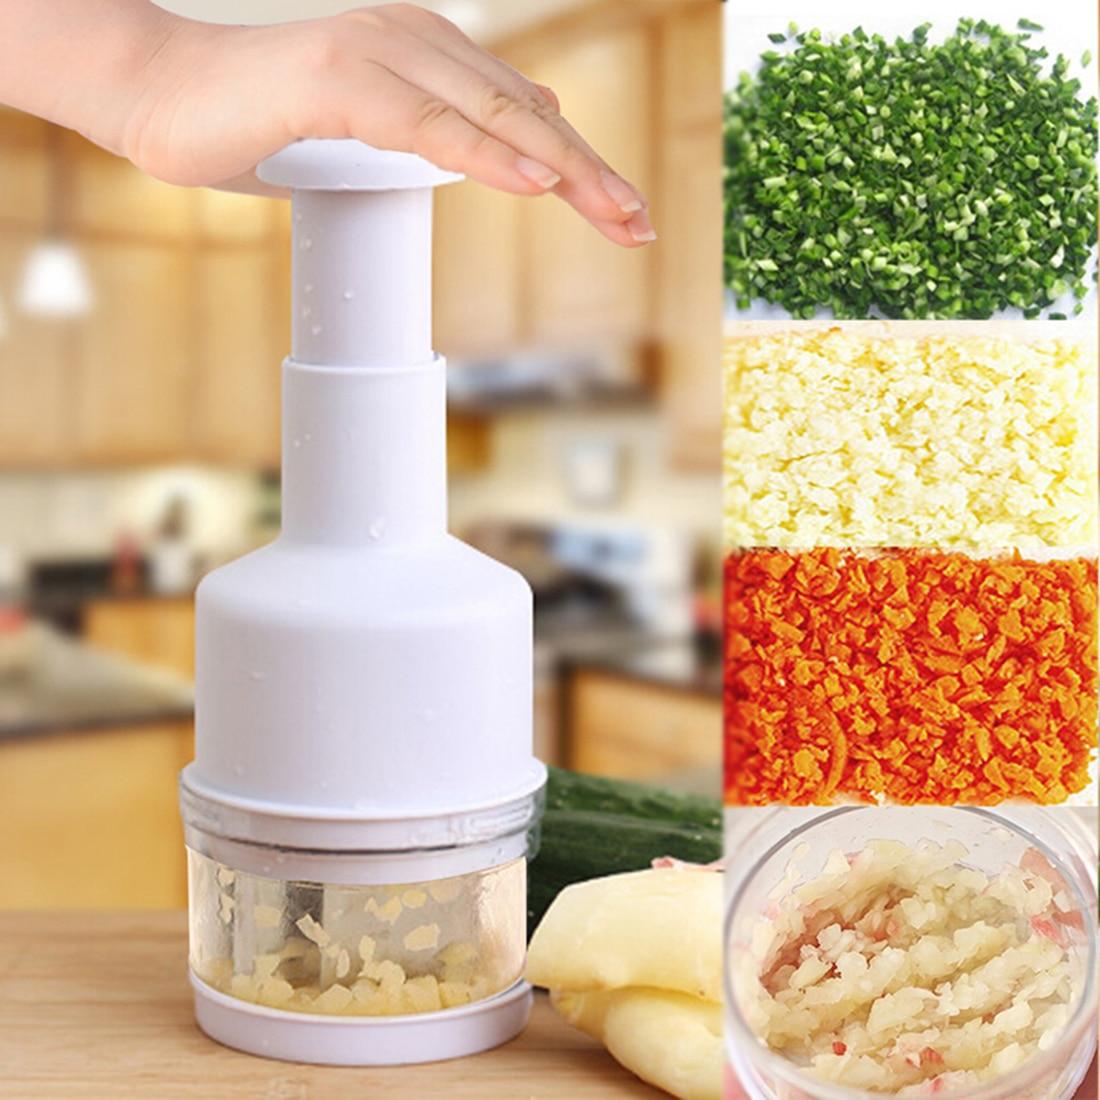 Nuovo stile cucina gadget premendo cipolla vegetale aglio chopper cutter affettatrice pelapatate strumento di cottura multifunzionale colore casuale